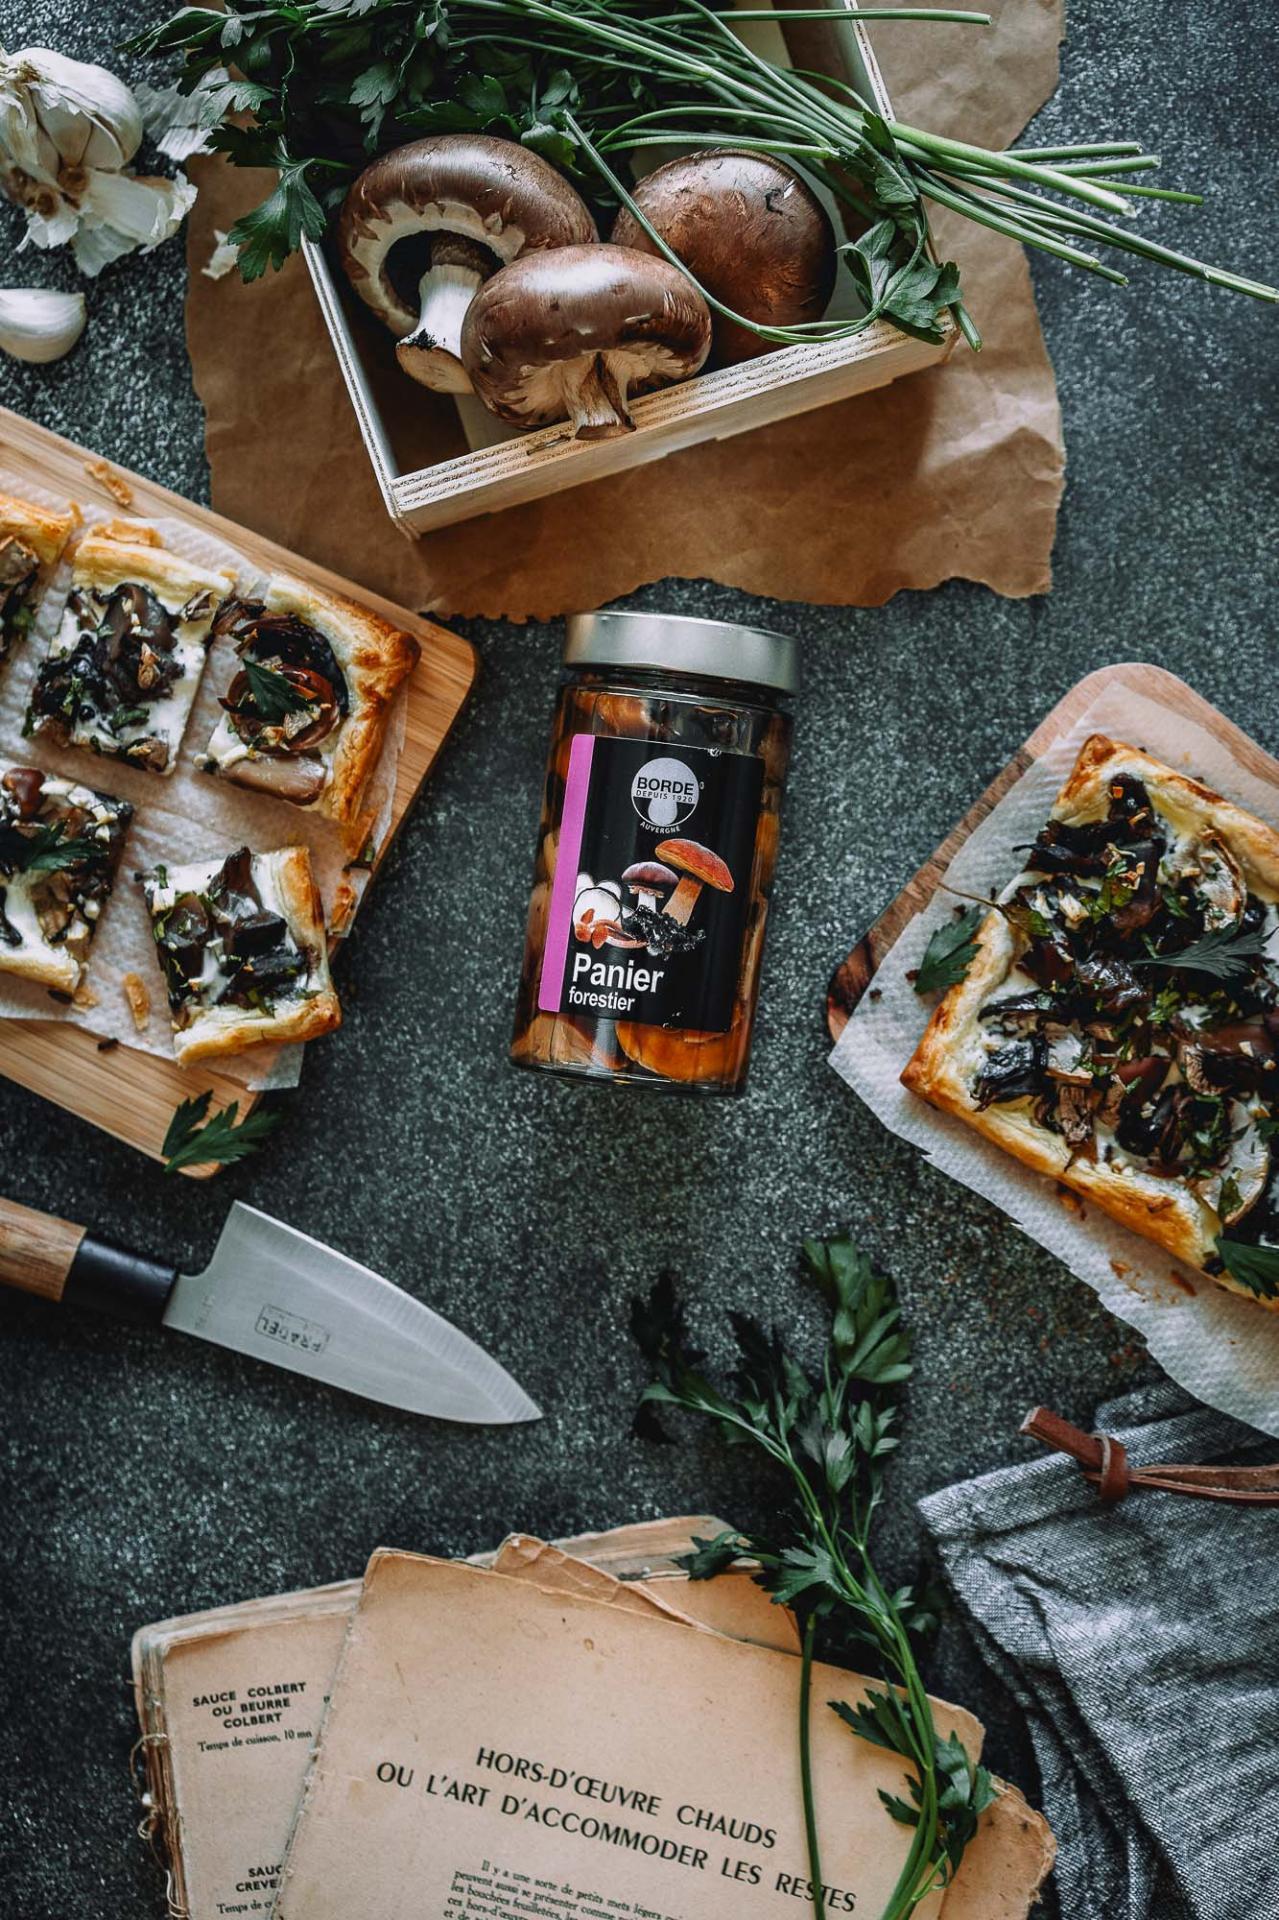 Photographe culinaire et styliste photo de produits et de boutique pour professionnels dax landes aquitaine allison micallef 8225